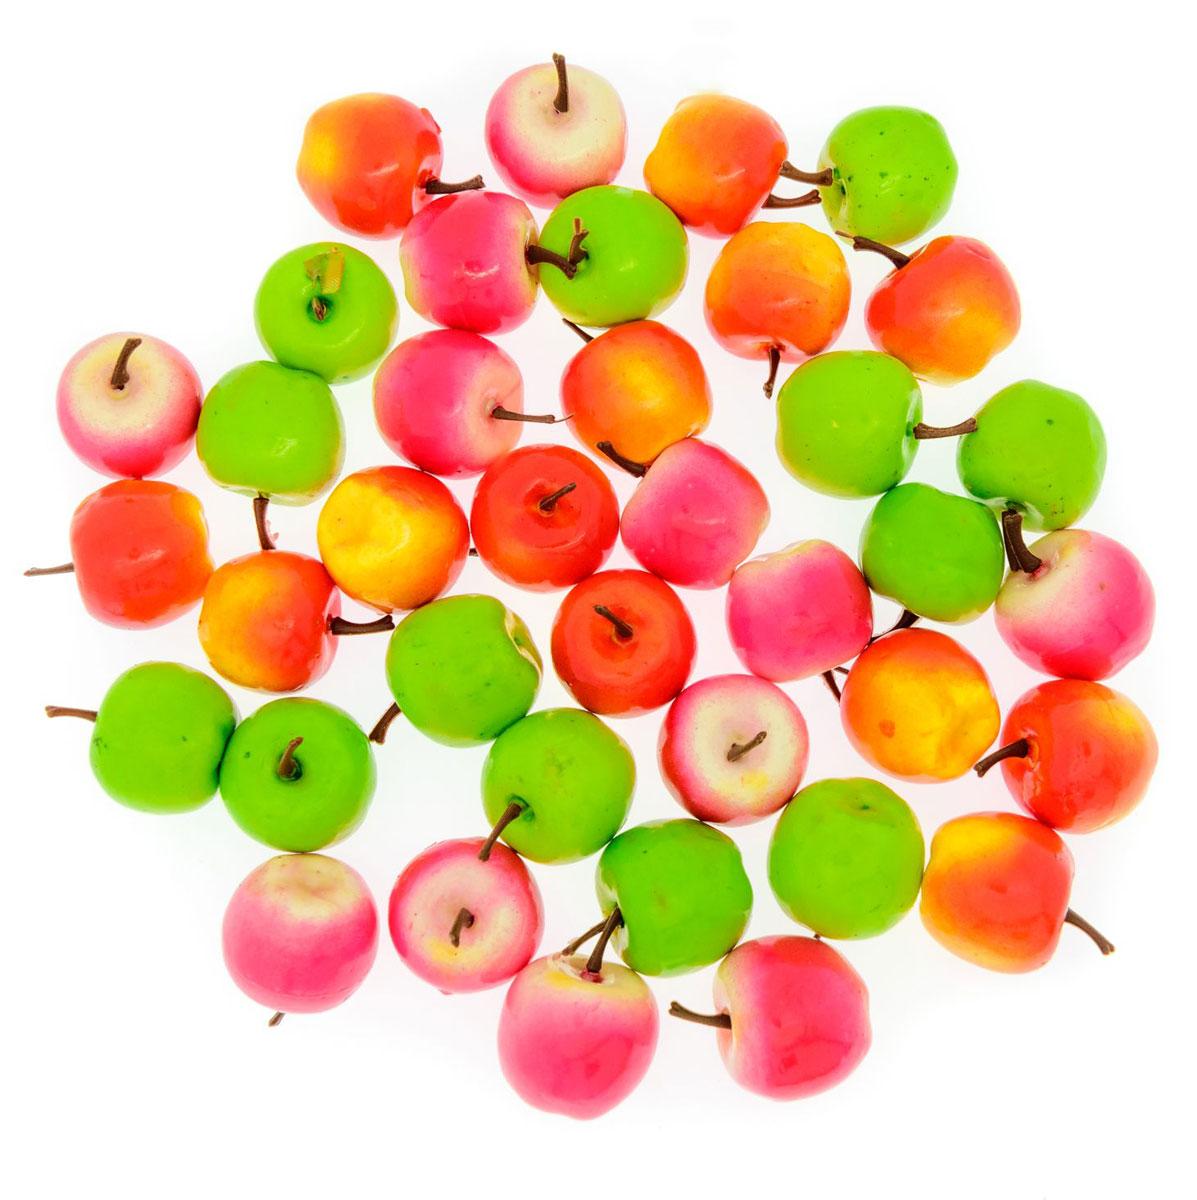 Анданте Счетный материал Яблочки 24 элемента 282753 яблочки пятки купить